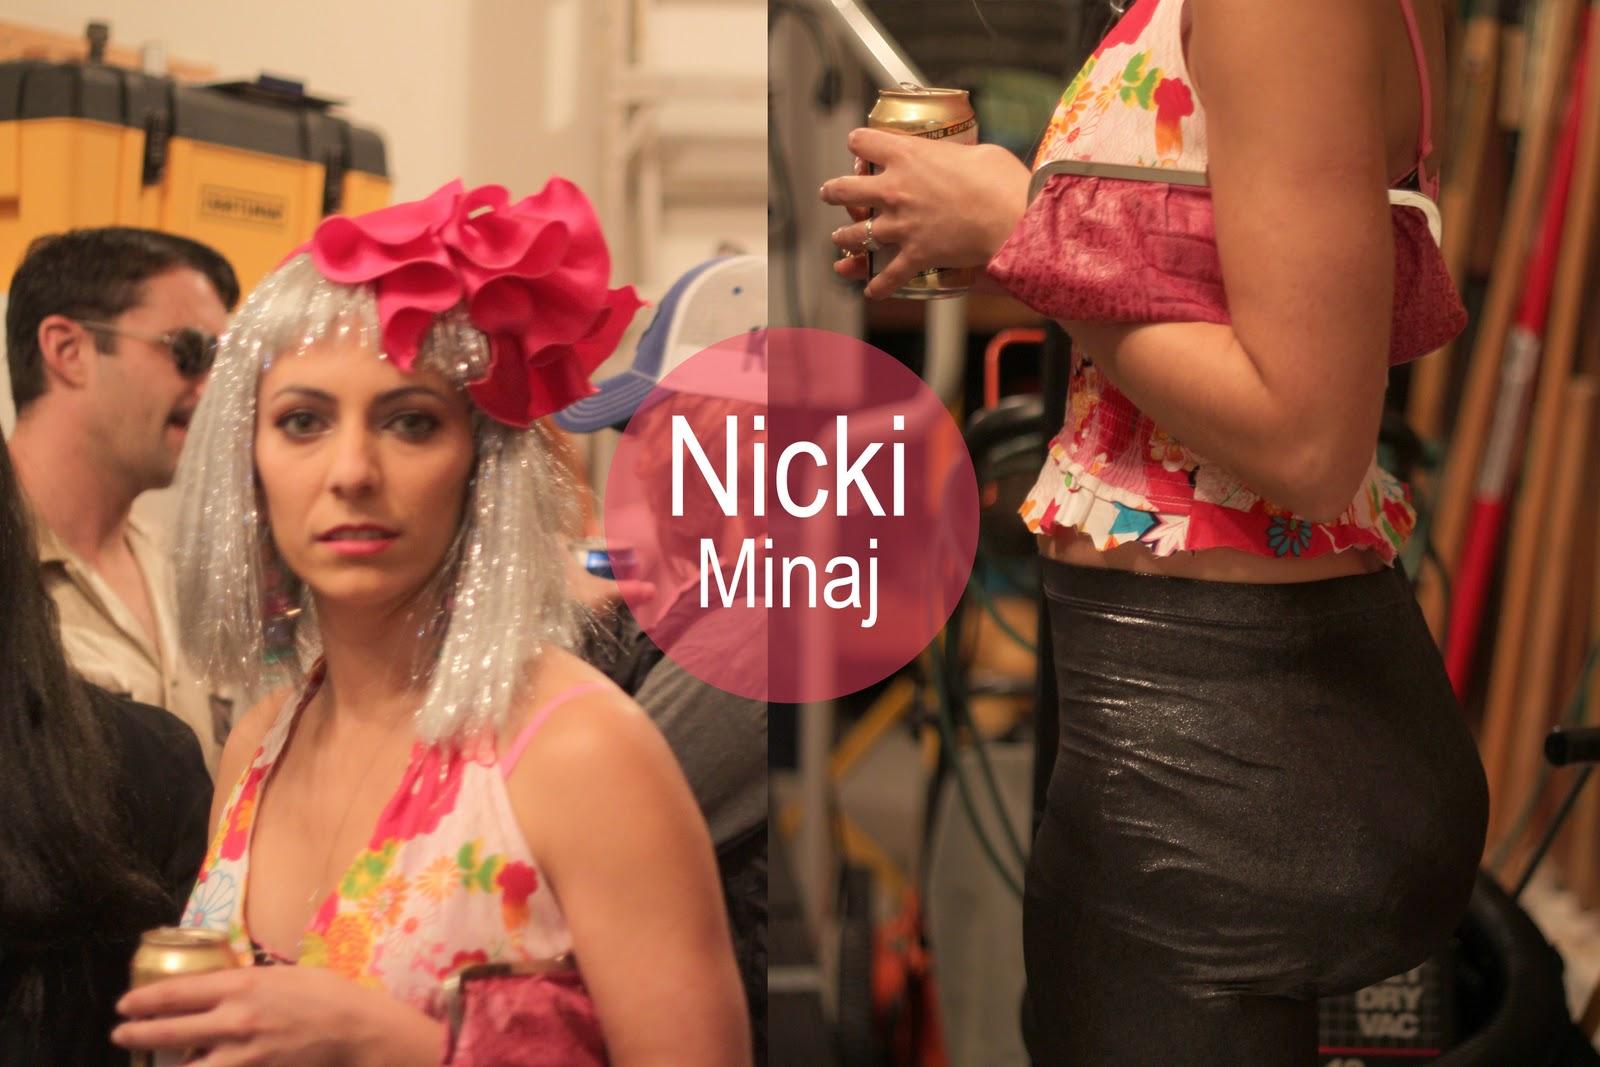 http://3.bp.blogspot.com/-p8RTqkz10gs/Tq932sEwyvI/AAAAAAAAGvA/R-AZM_vllj4/s1600/Nicki+minaj.jpg